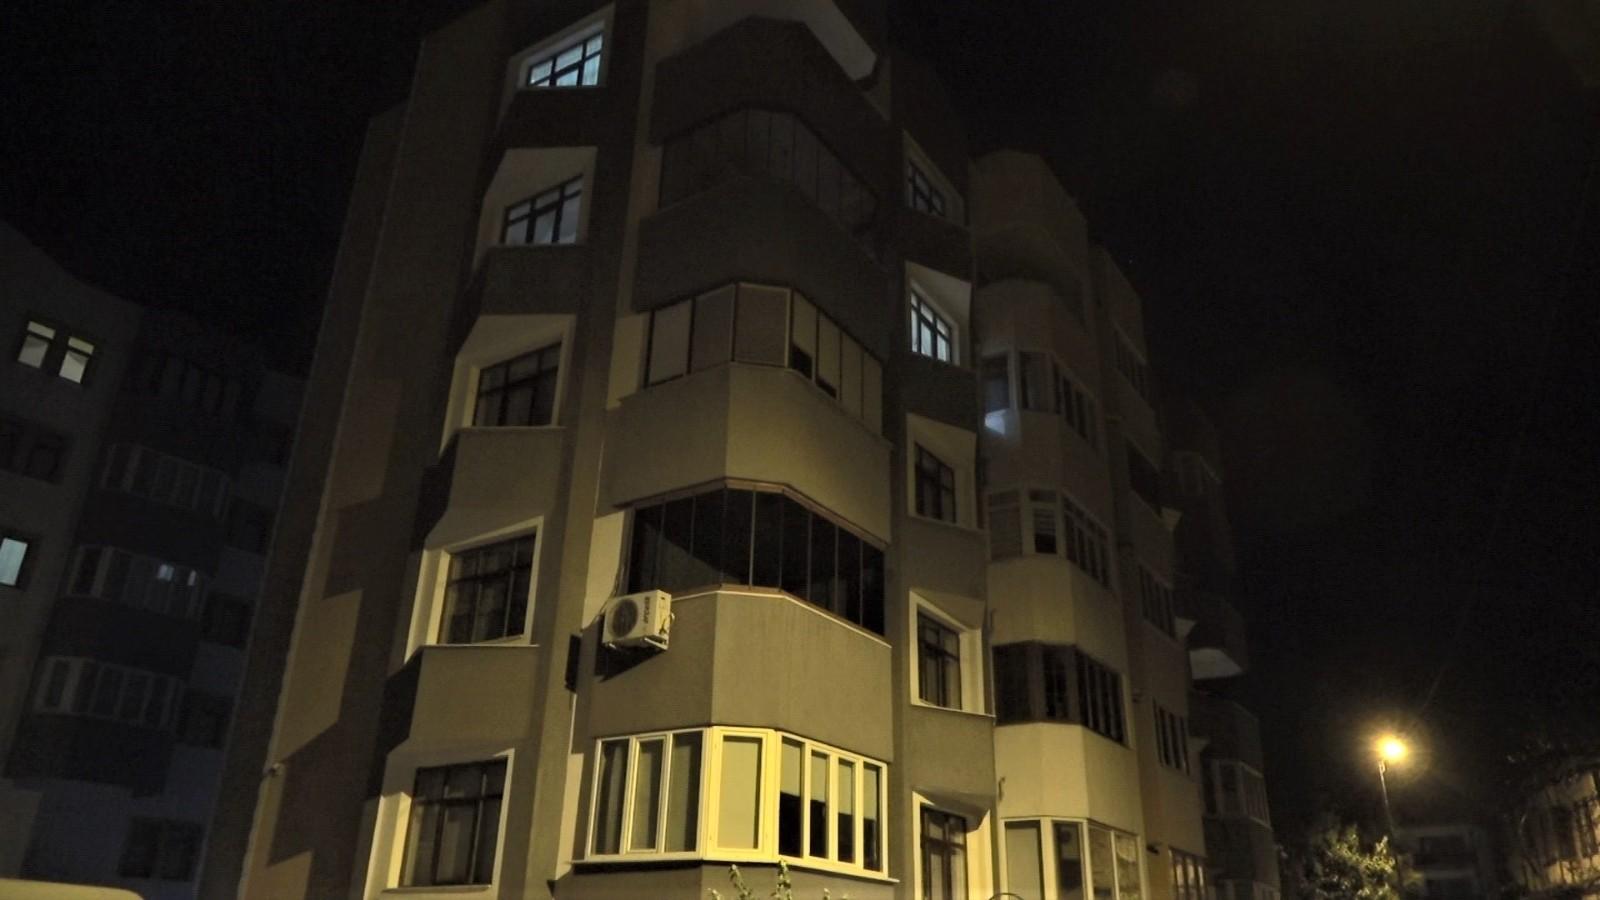 Safranbolu'da koronavirüs paniği! 5 katlı apartman komple karantinaya alındı